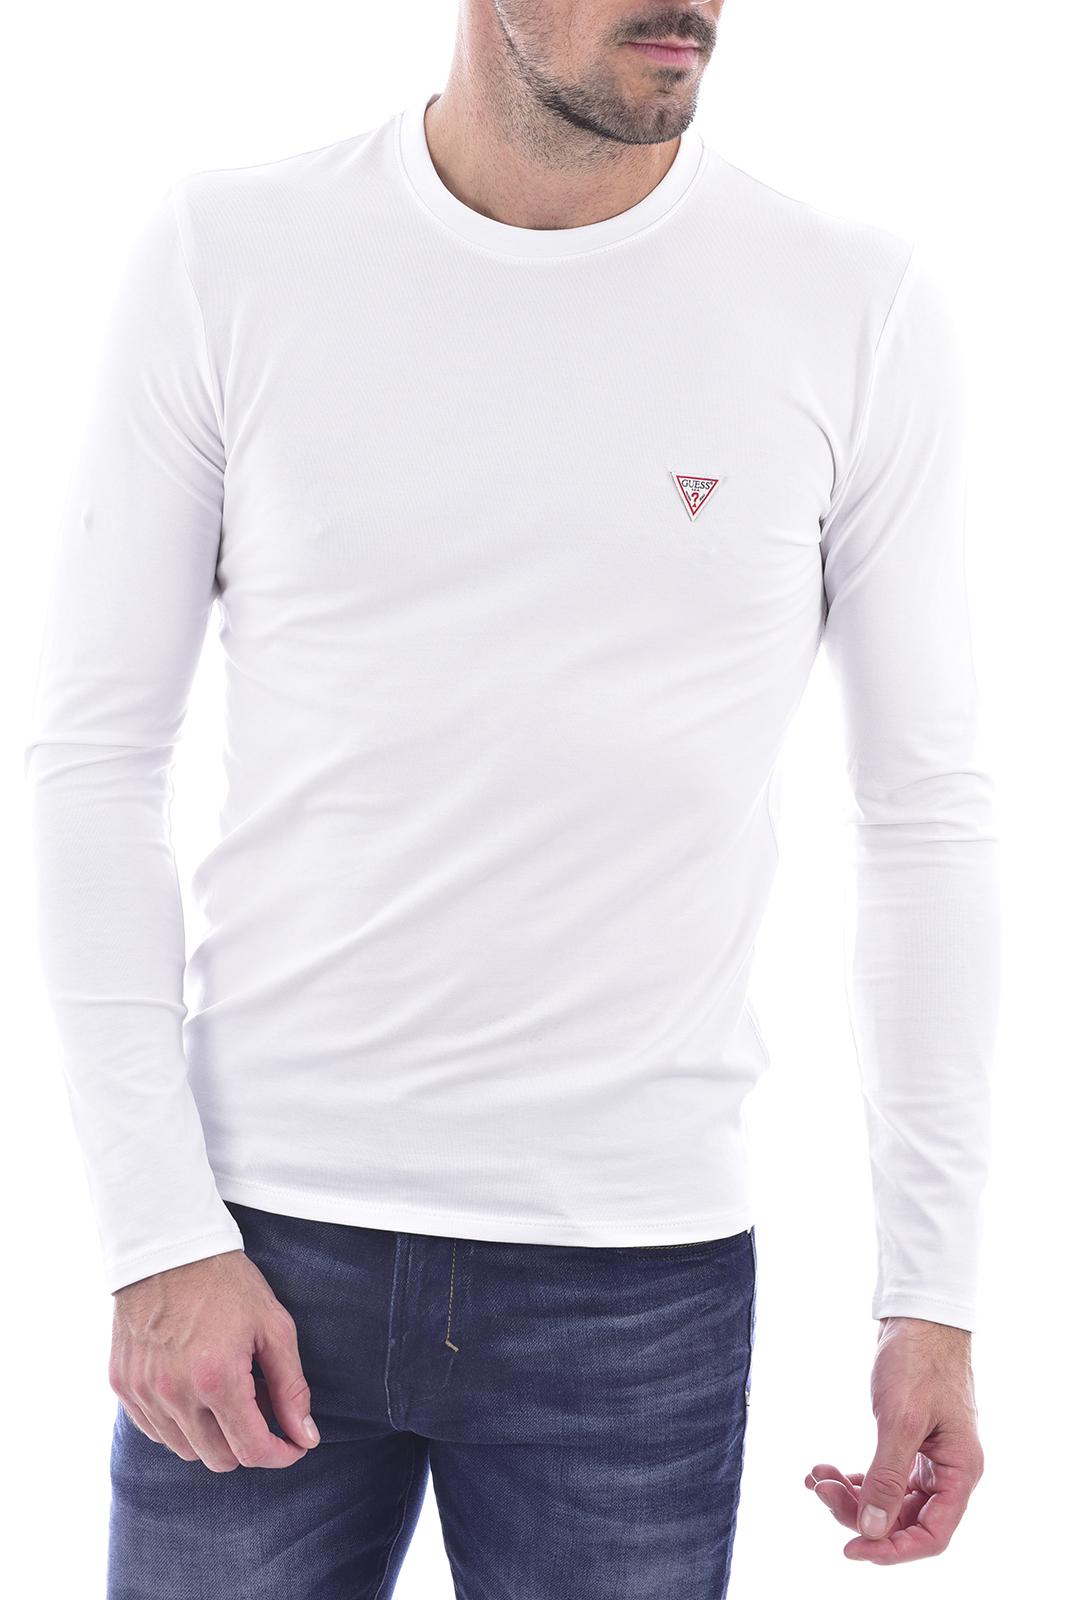 T-S manches longues  Guess jeans M0BI28 J1311 TWHT BLANC